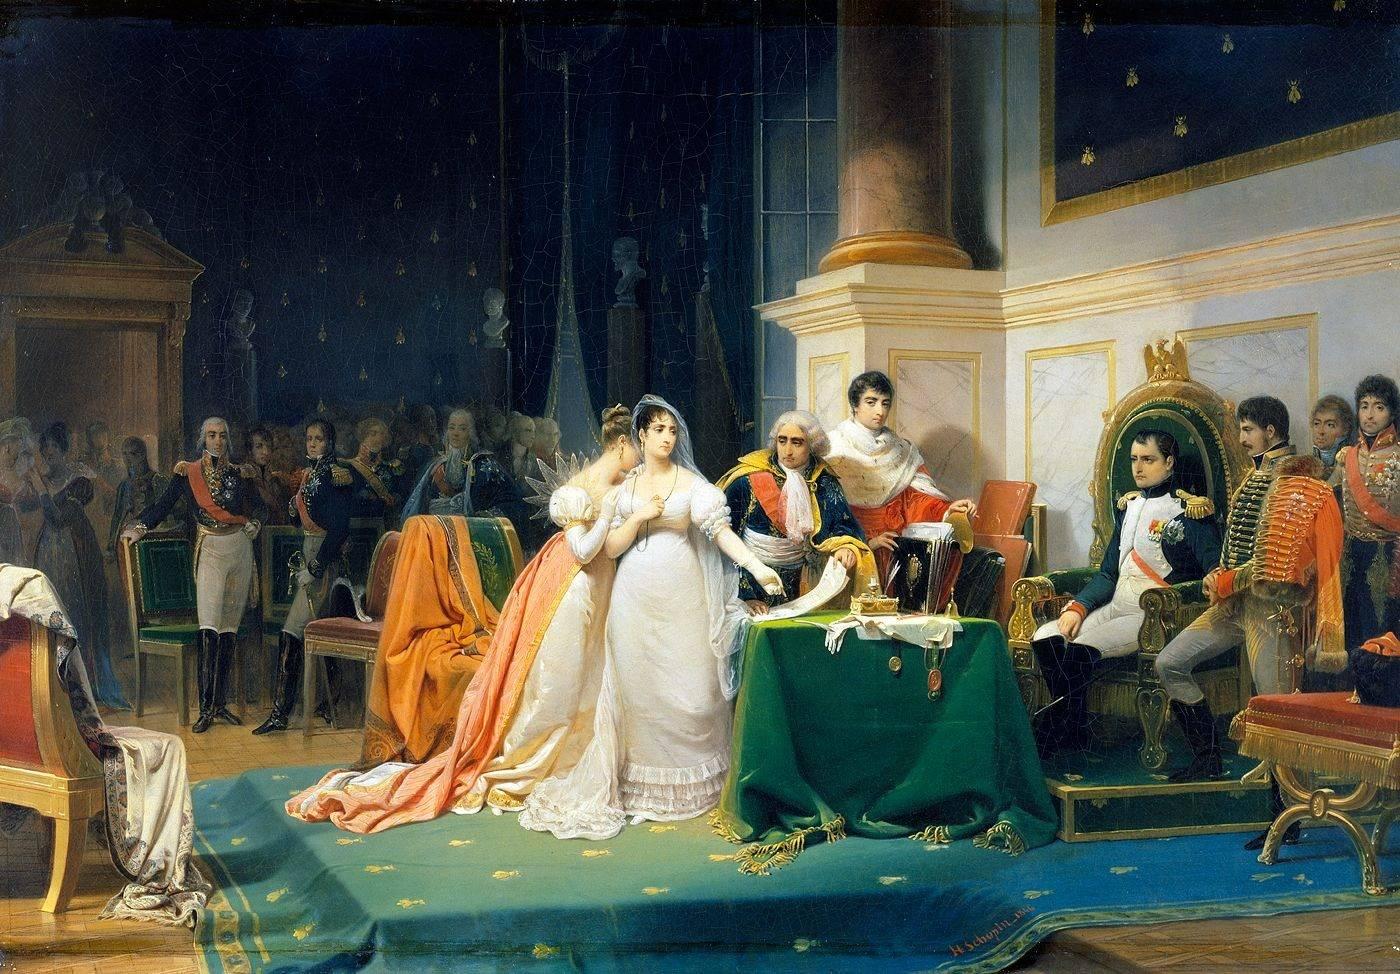 Анри Фредерик Шопен. Развод императрицы Жозефины. 1882г